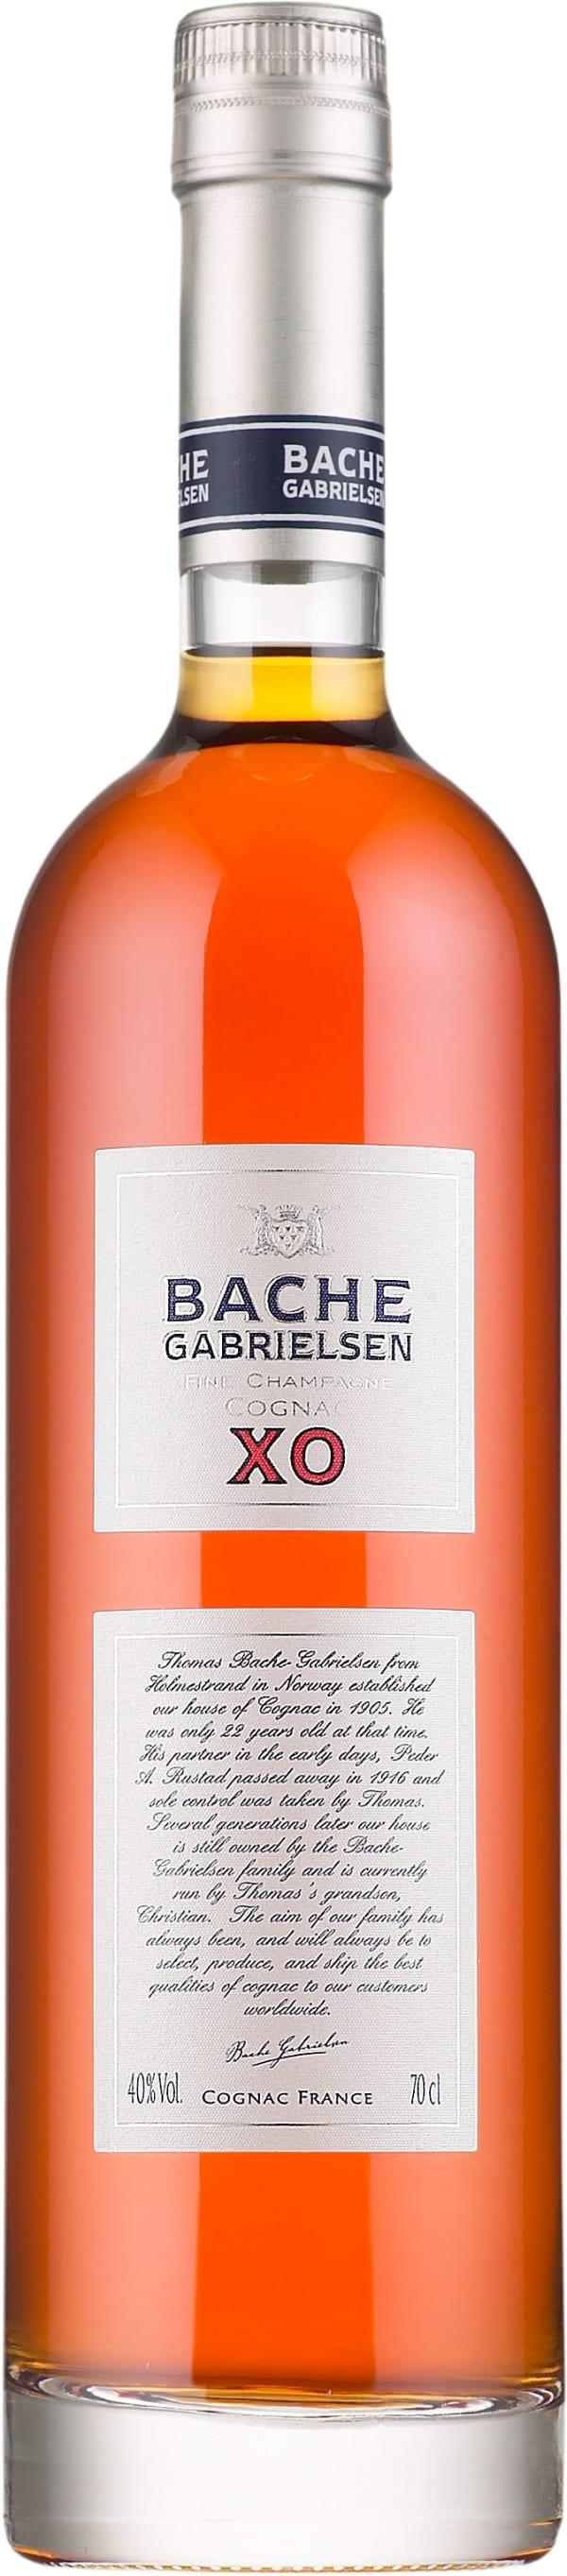 Bache Gabrielsen XO